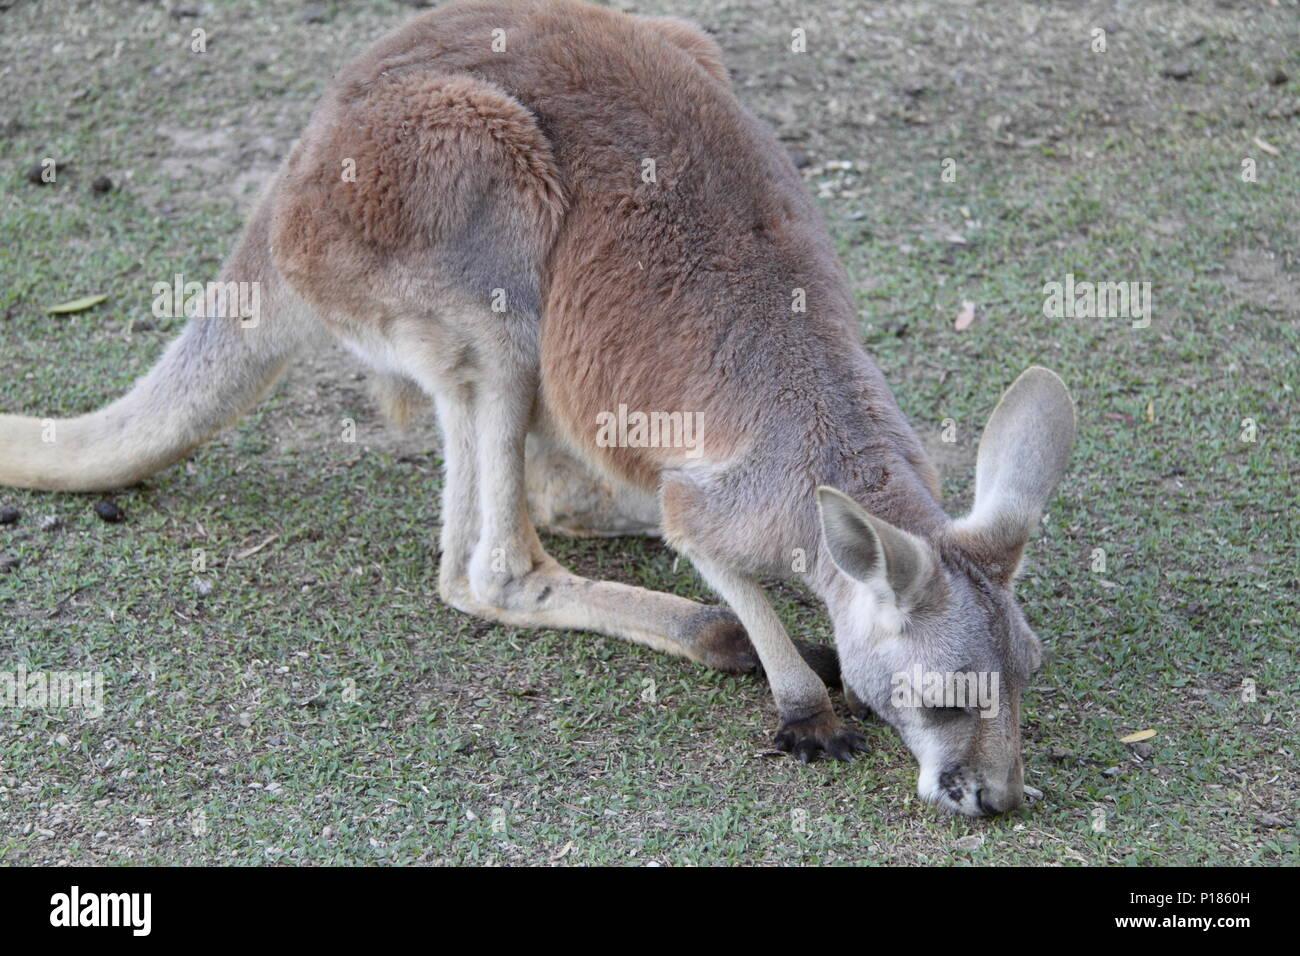 Red Kangaroo Feeding (Macropus Rufus) - Stock Image